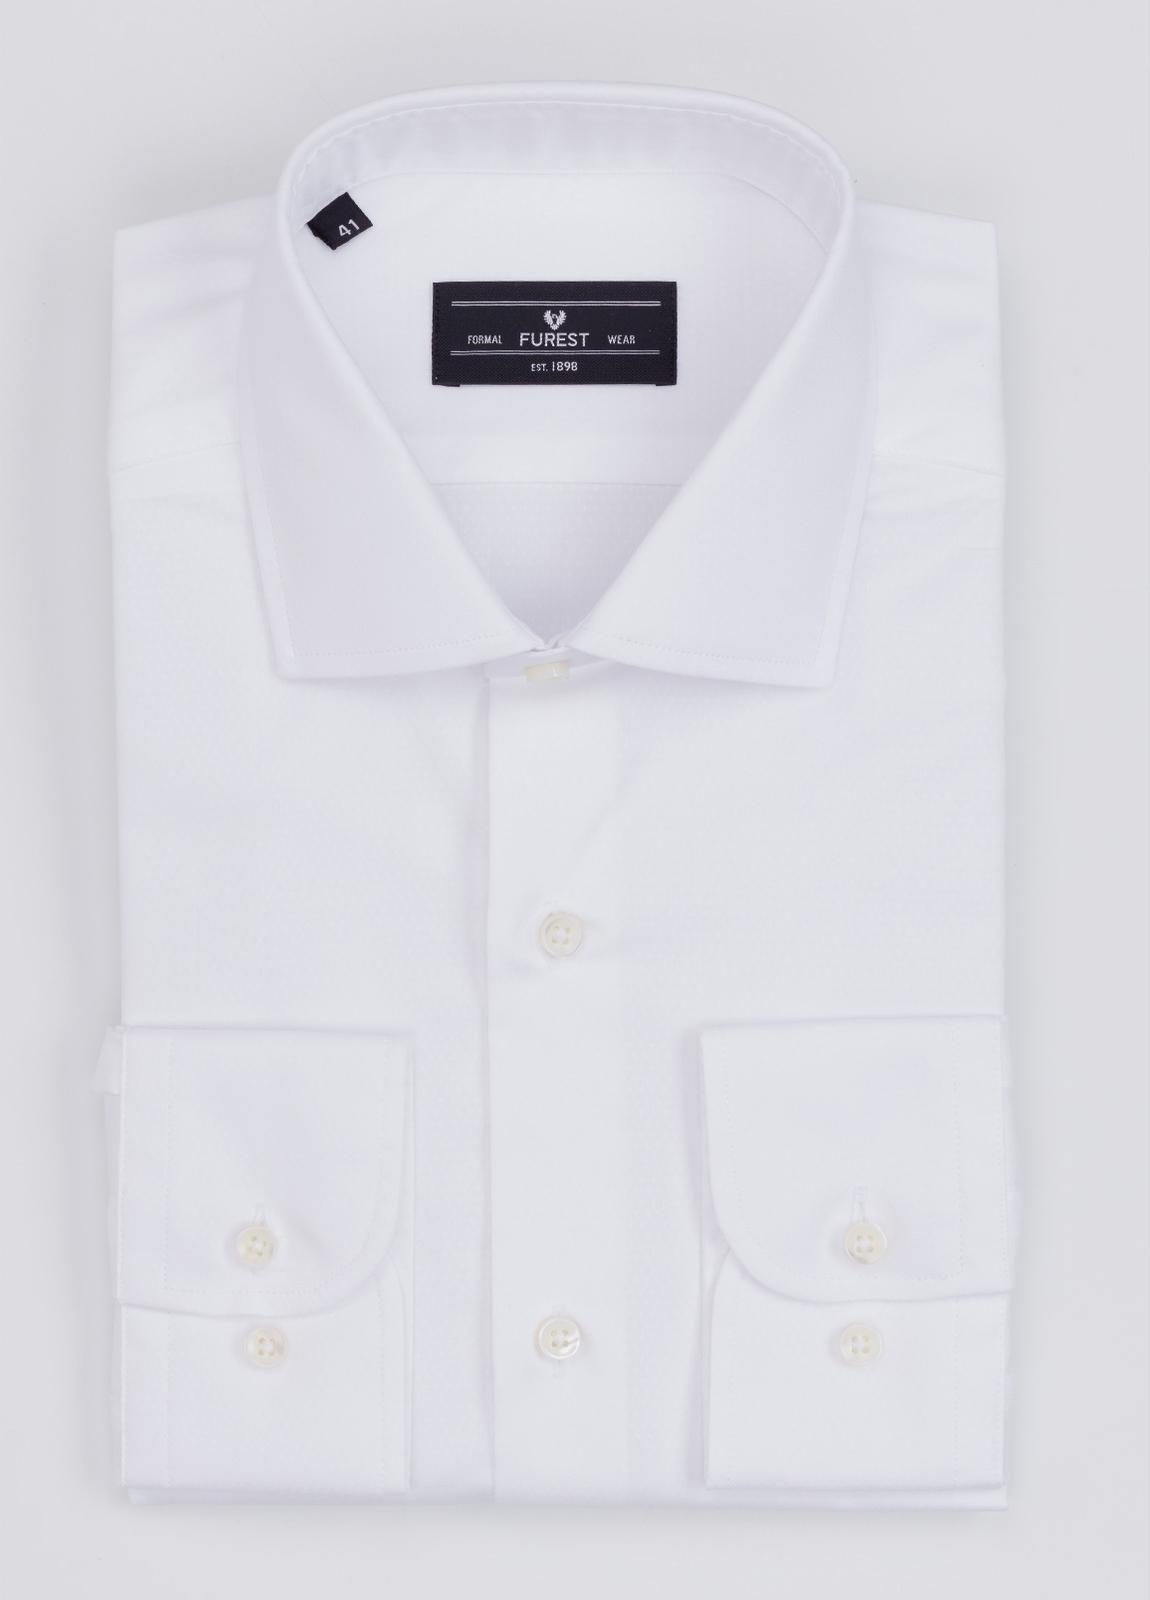 Camisa Formal Wear REGULAR FIT cuello italiano modelo TAILORED NAPOLI micrograbado color blanco. 100% Algodón.